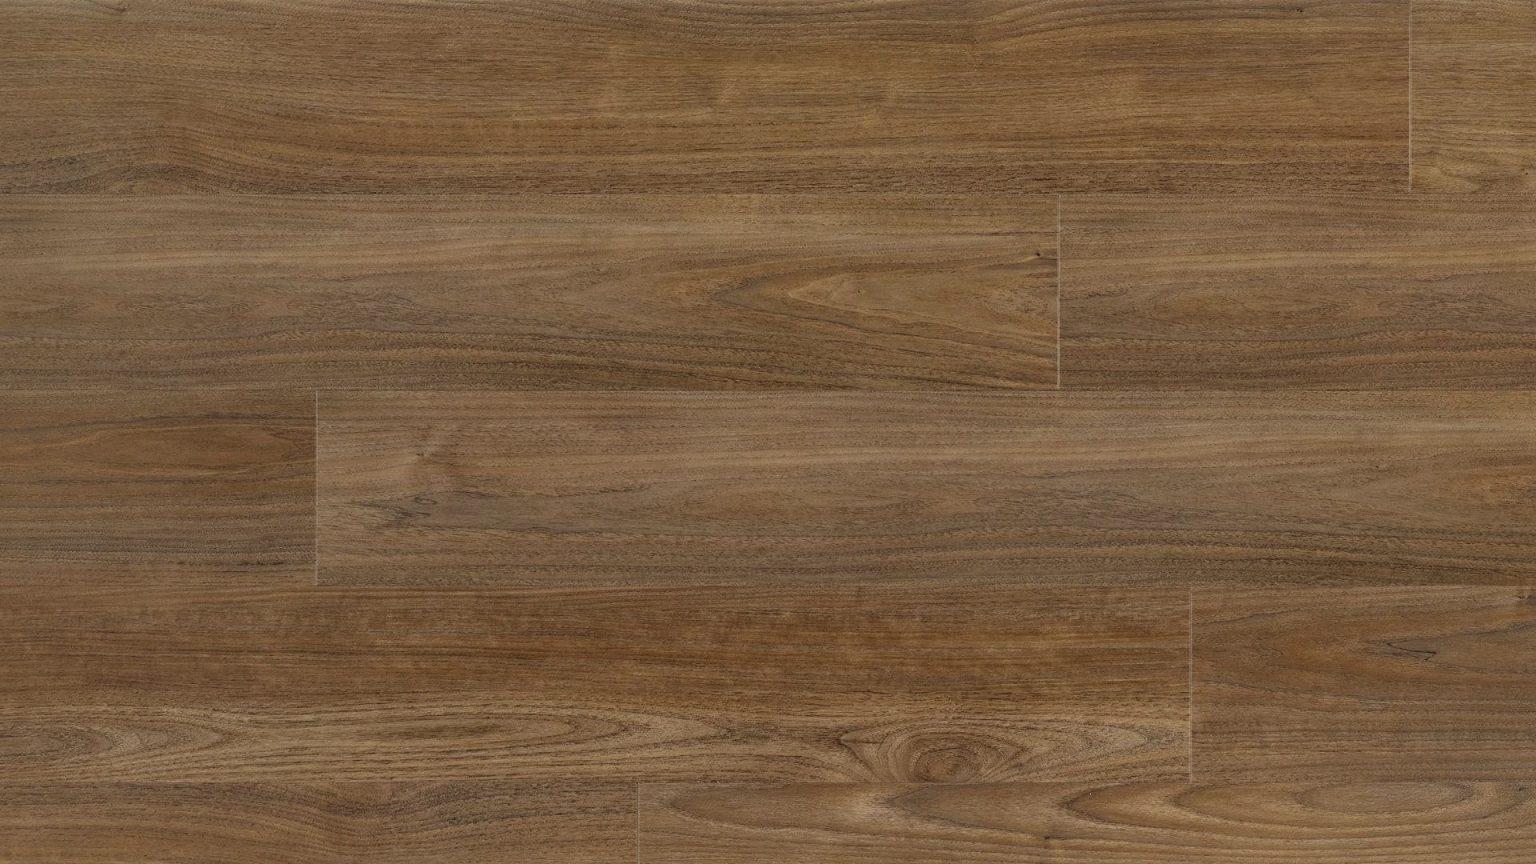 Toronto 50 LVRE 127 / COREtec® authentics wood